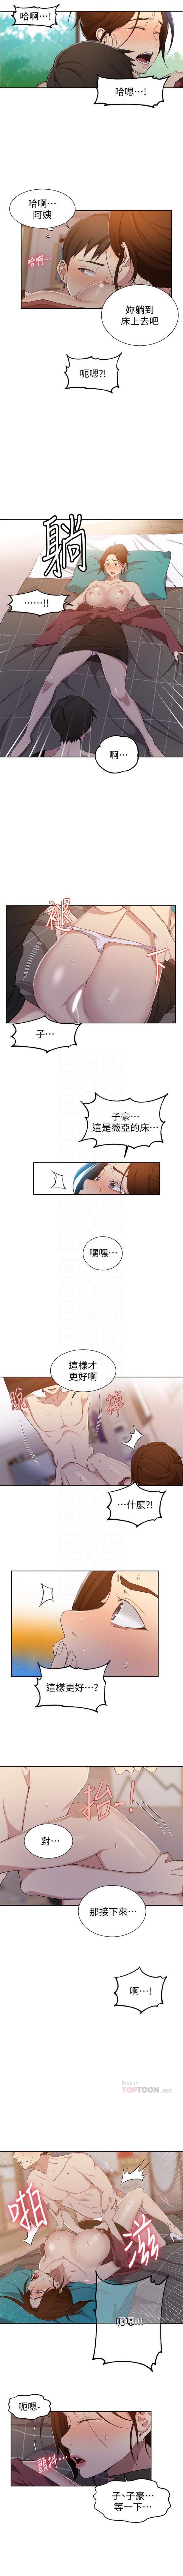 秘密教學  1-50 官方中文(連載中) 285